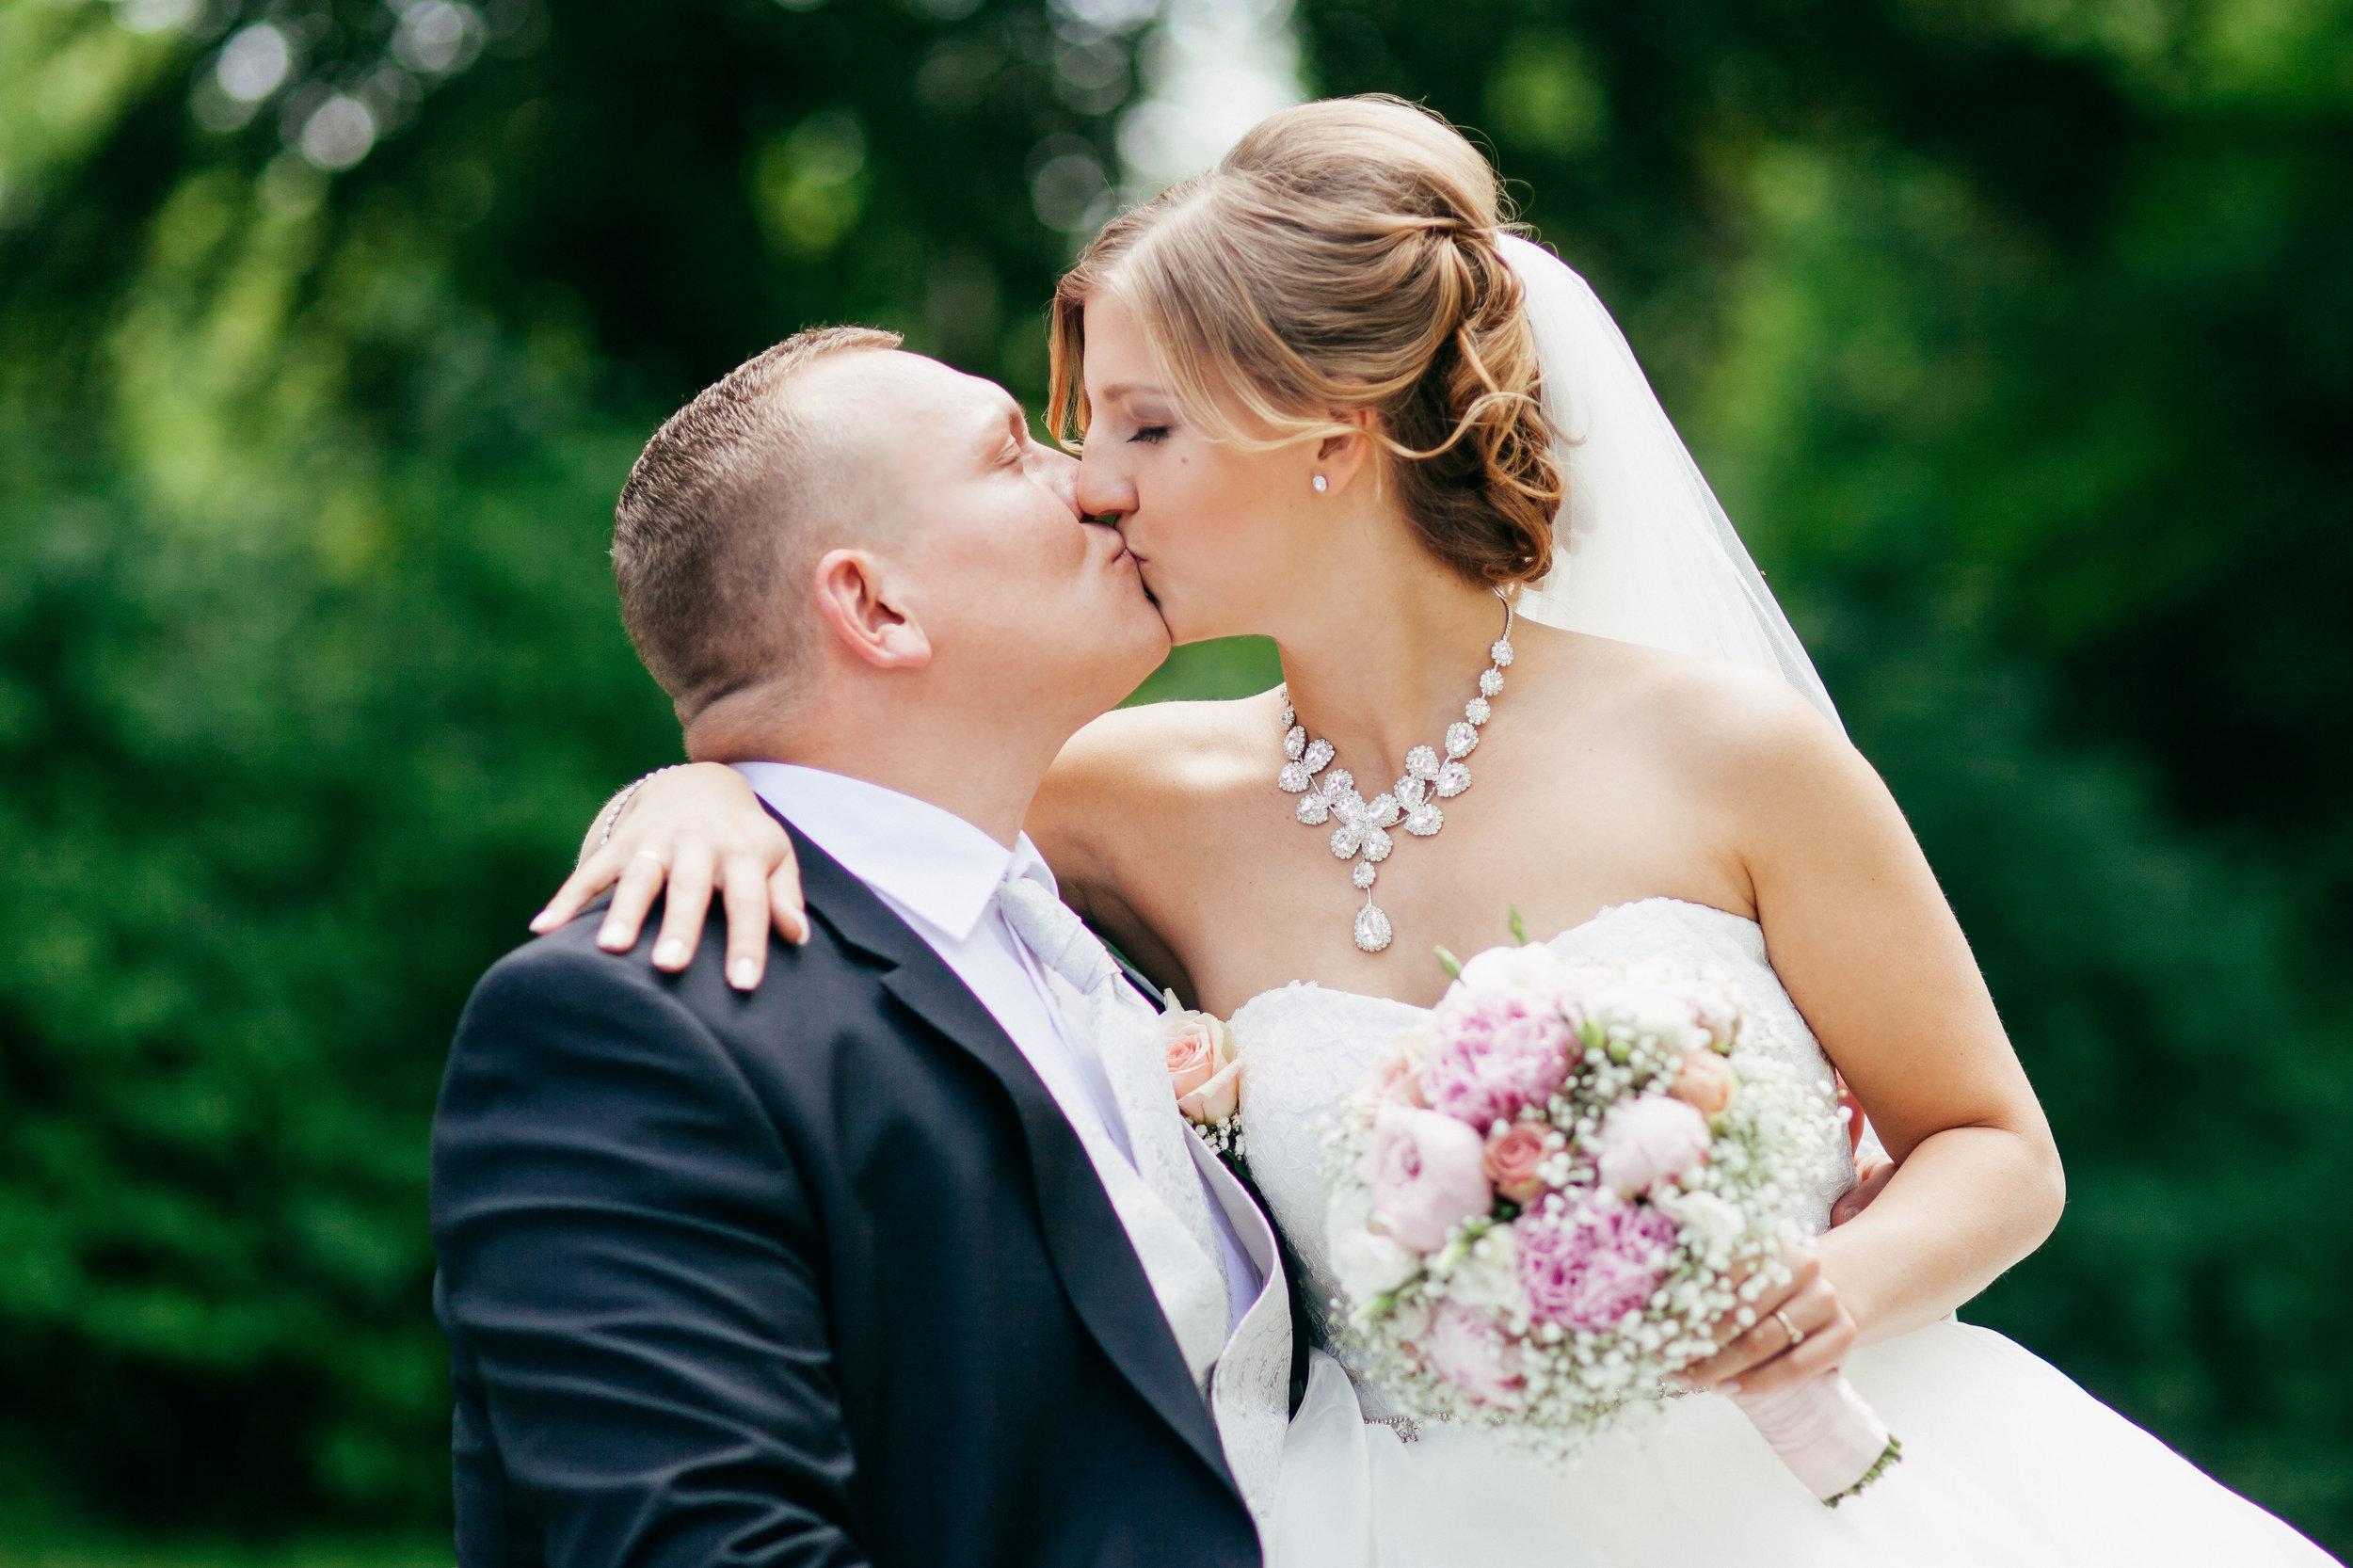 Hochzeit_253.jpg